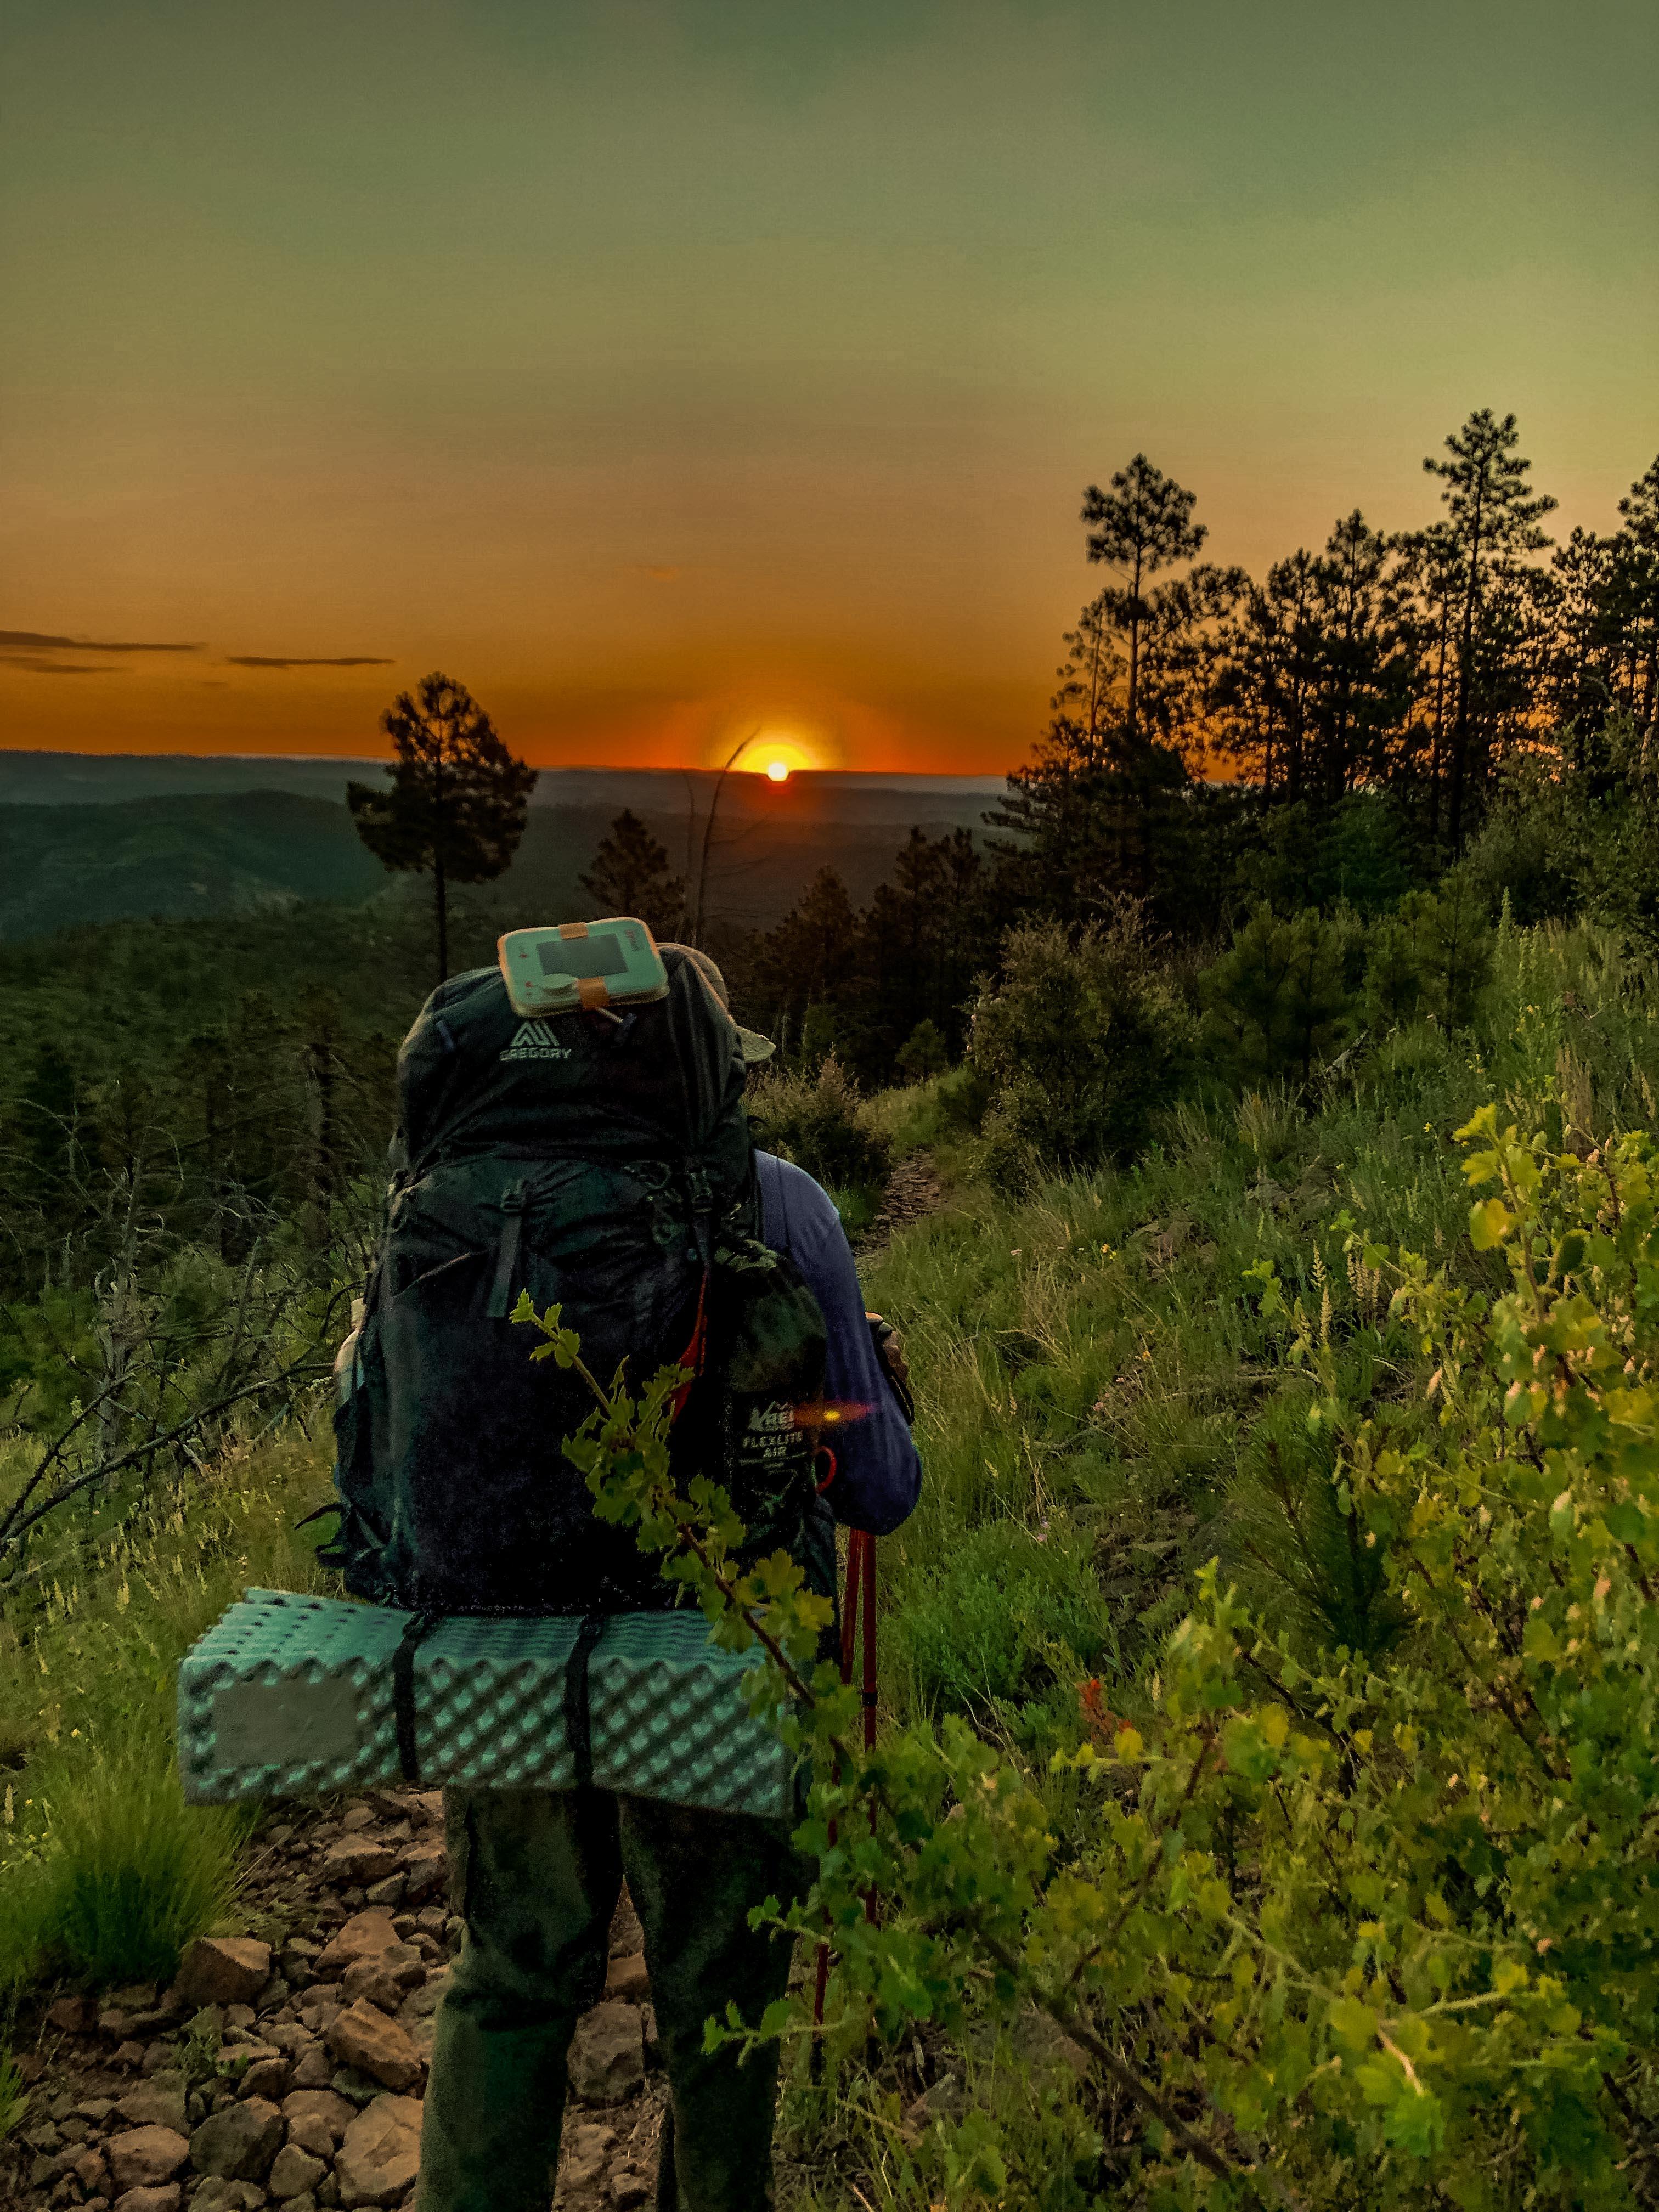 Best Backpacks for Hiking 2019 Gregory Baltoro 65